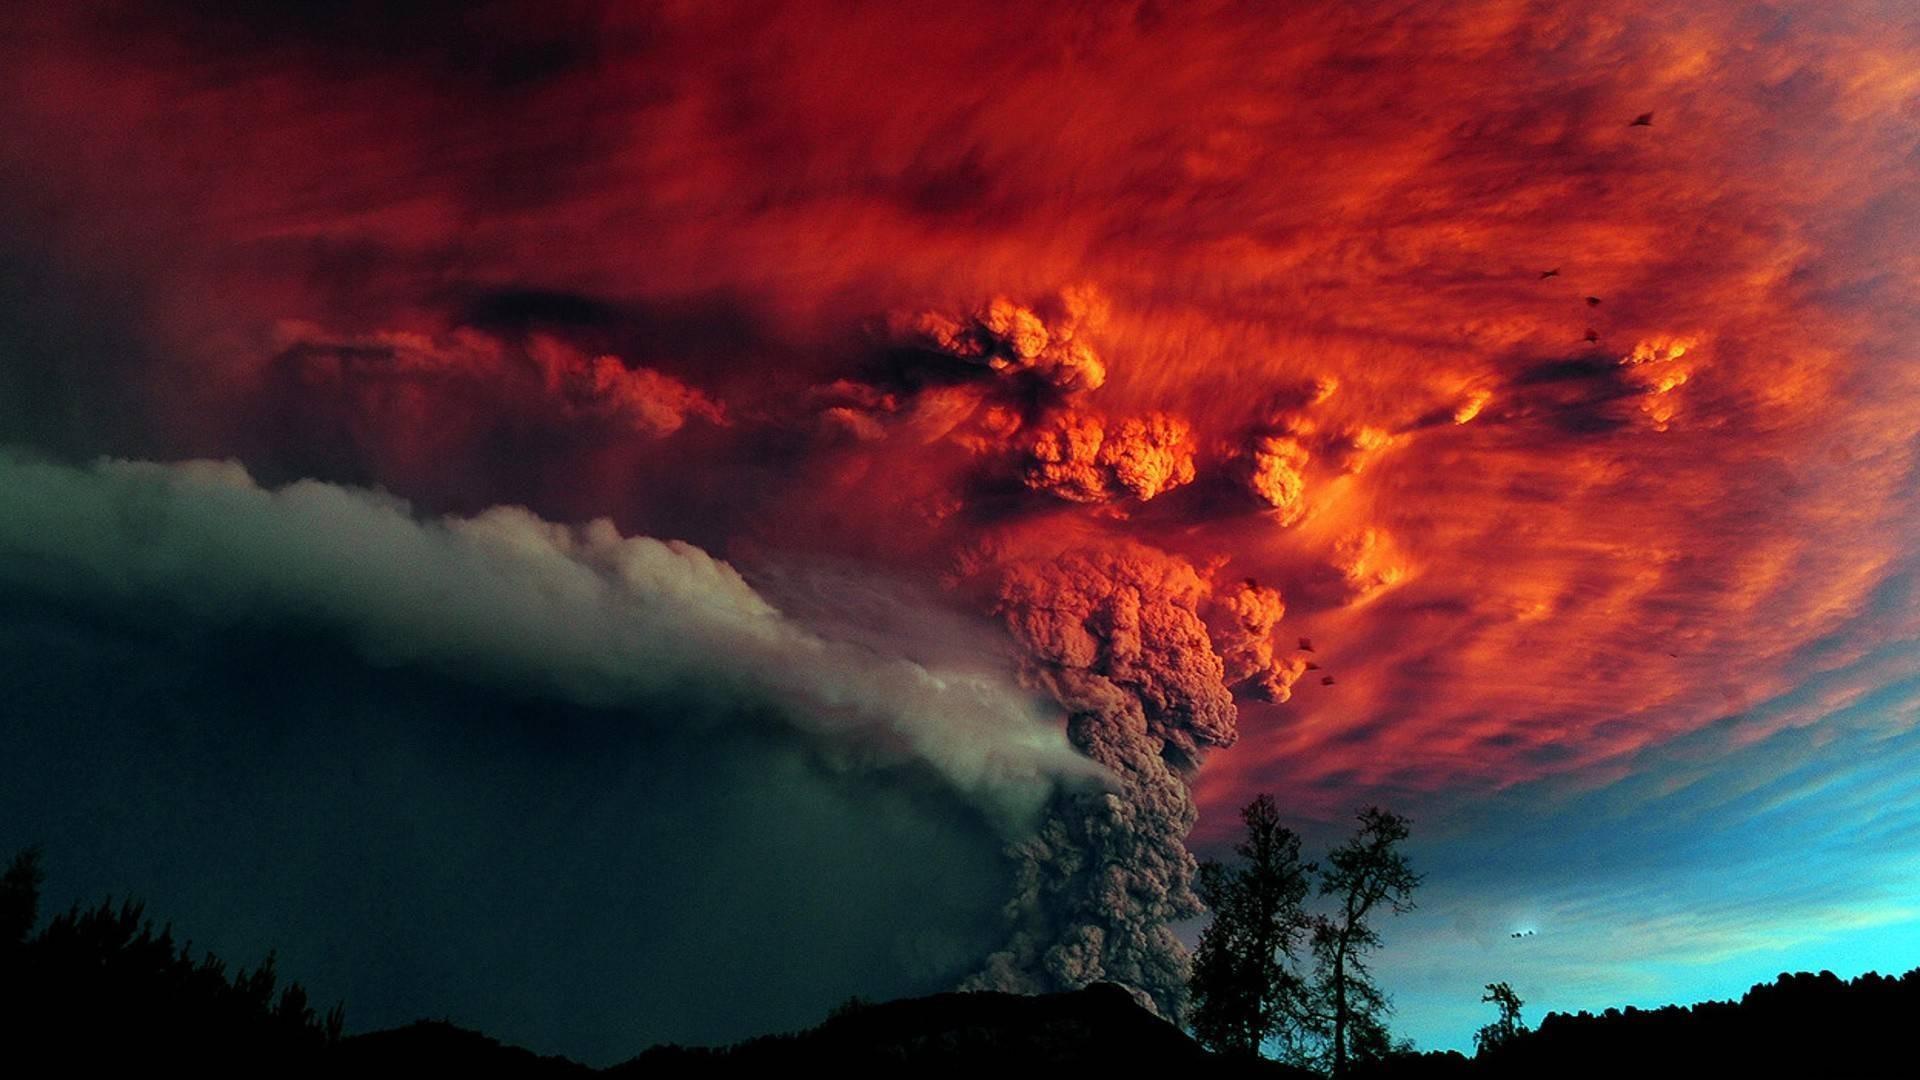 Hd Volcanic Lightning Wallpaper